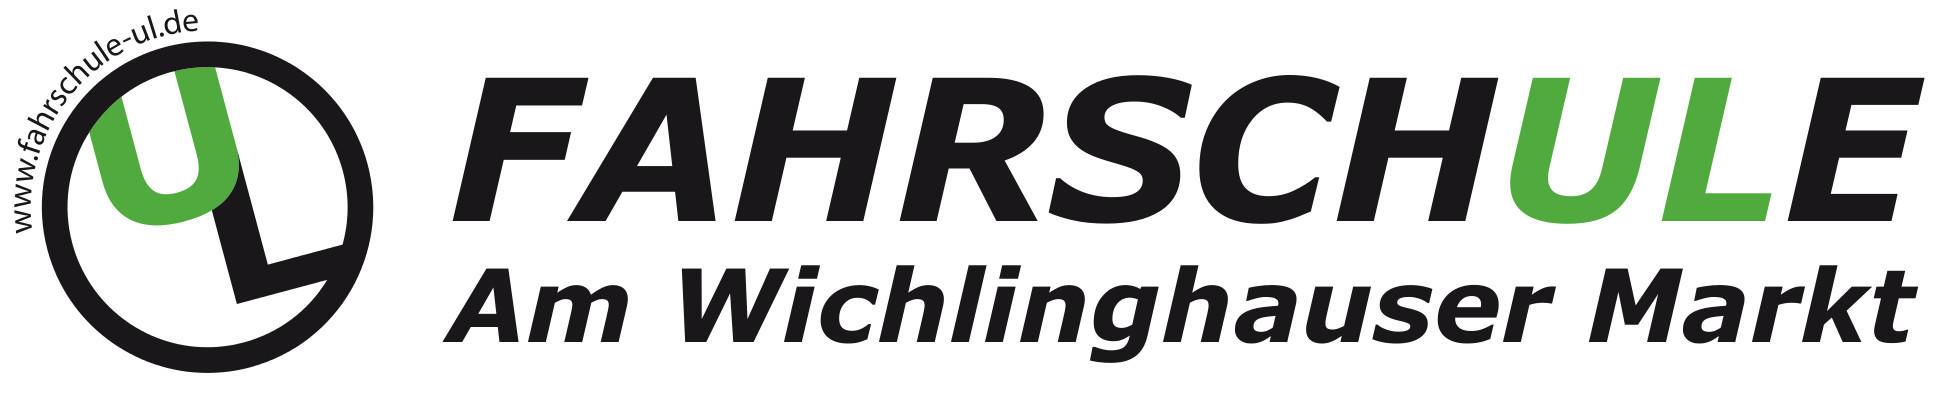 FAHRSCHULE Am Wichlinghauser Markt